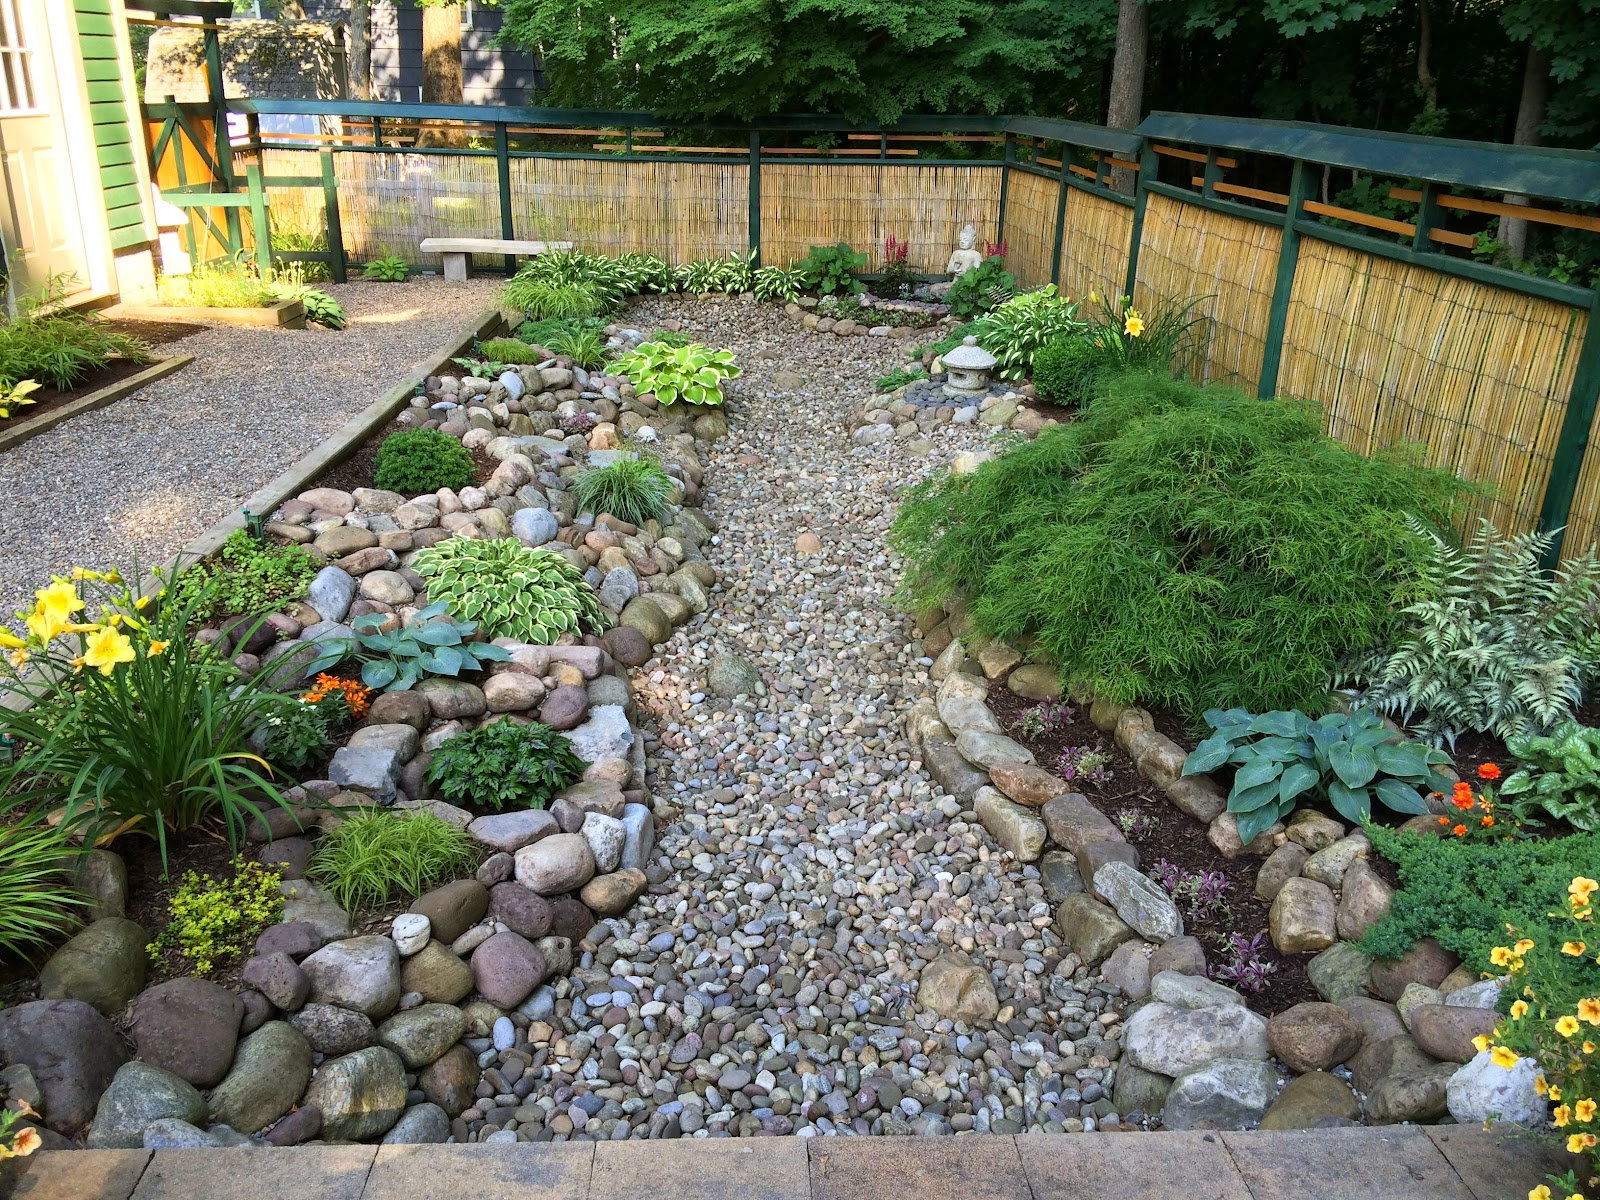 My Zen Garden: Weeds and Mulch